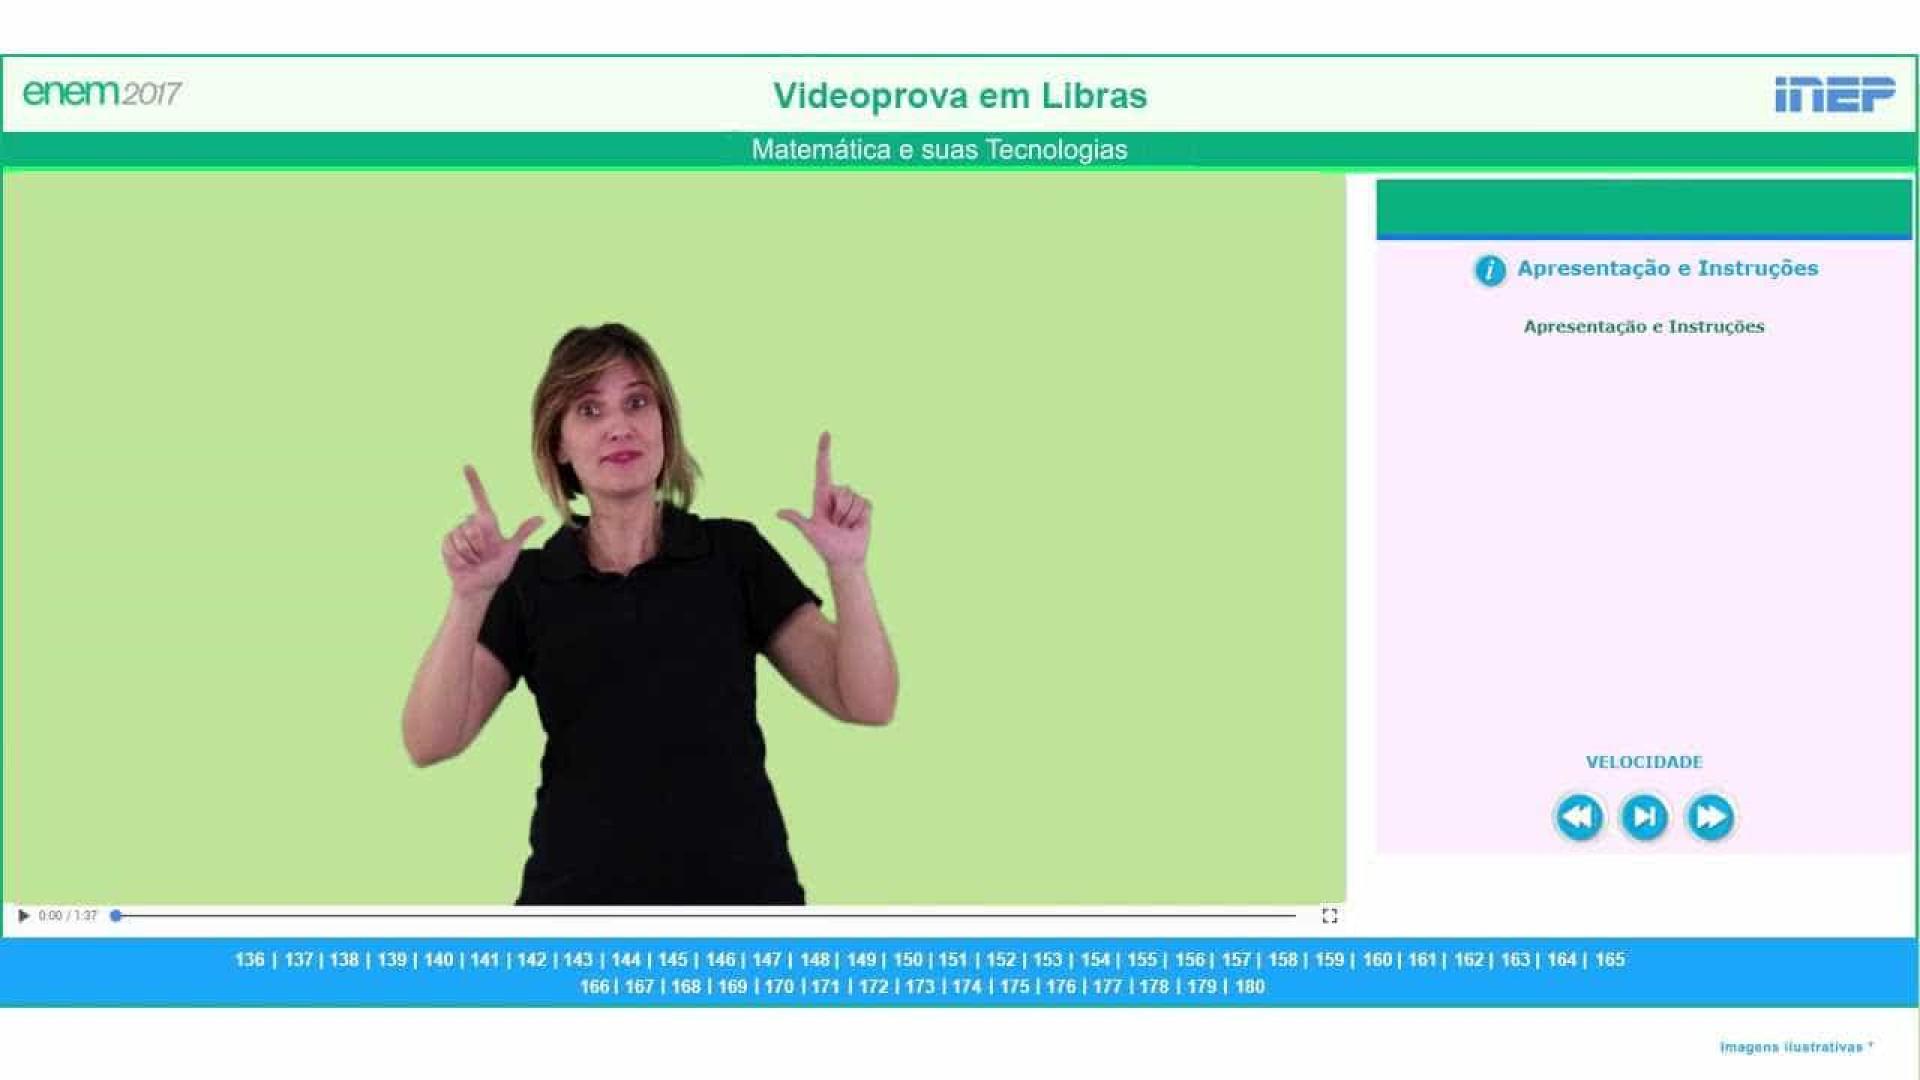 Videoprova em Libras do Enem 2017 está disponível no YouTube